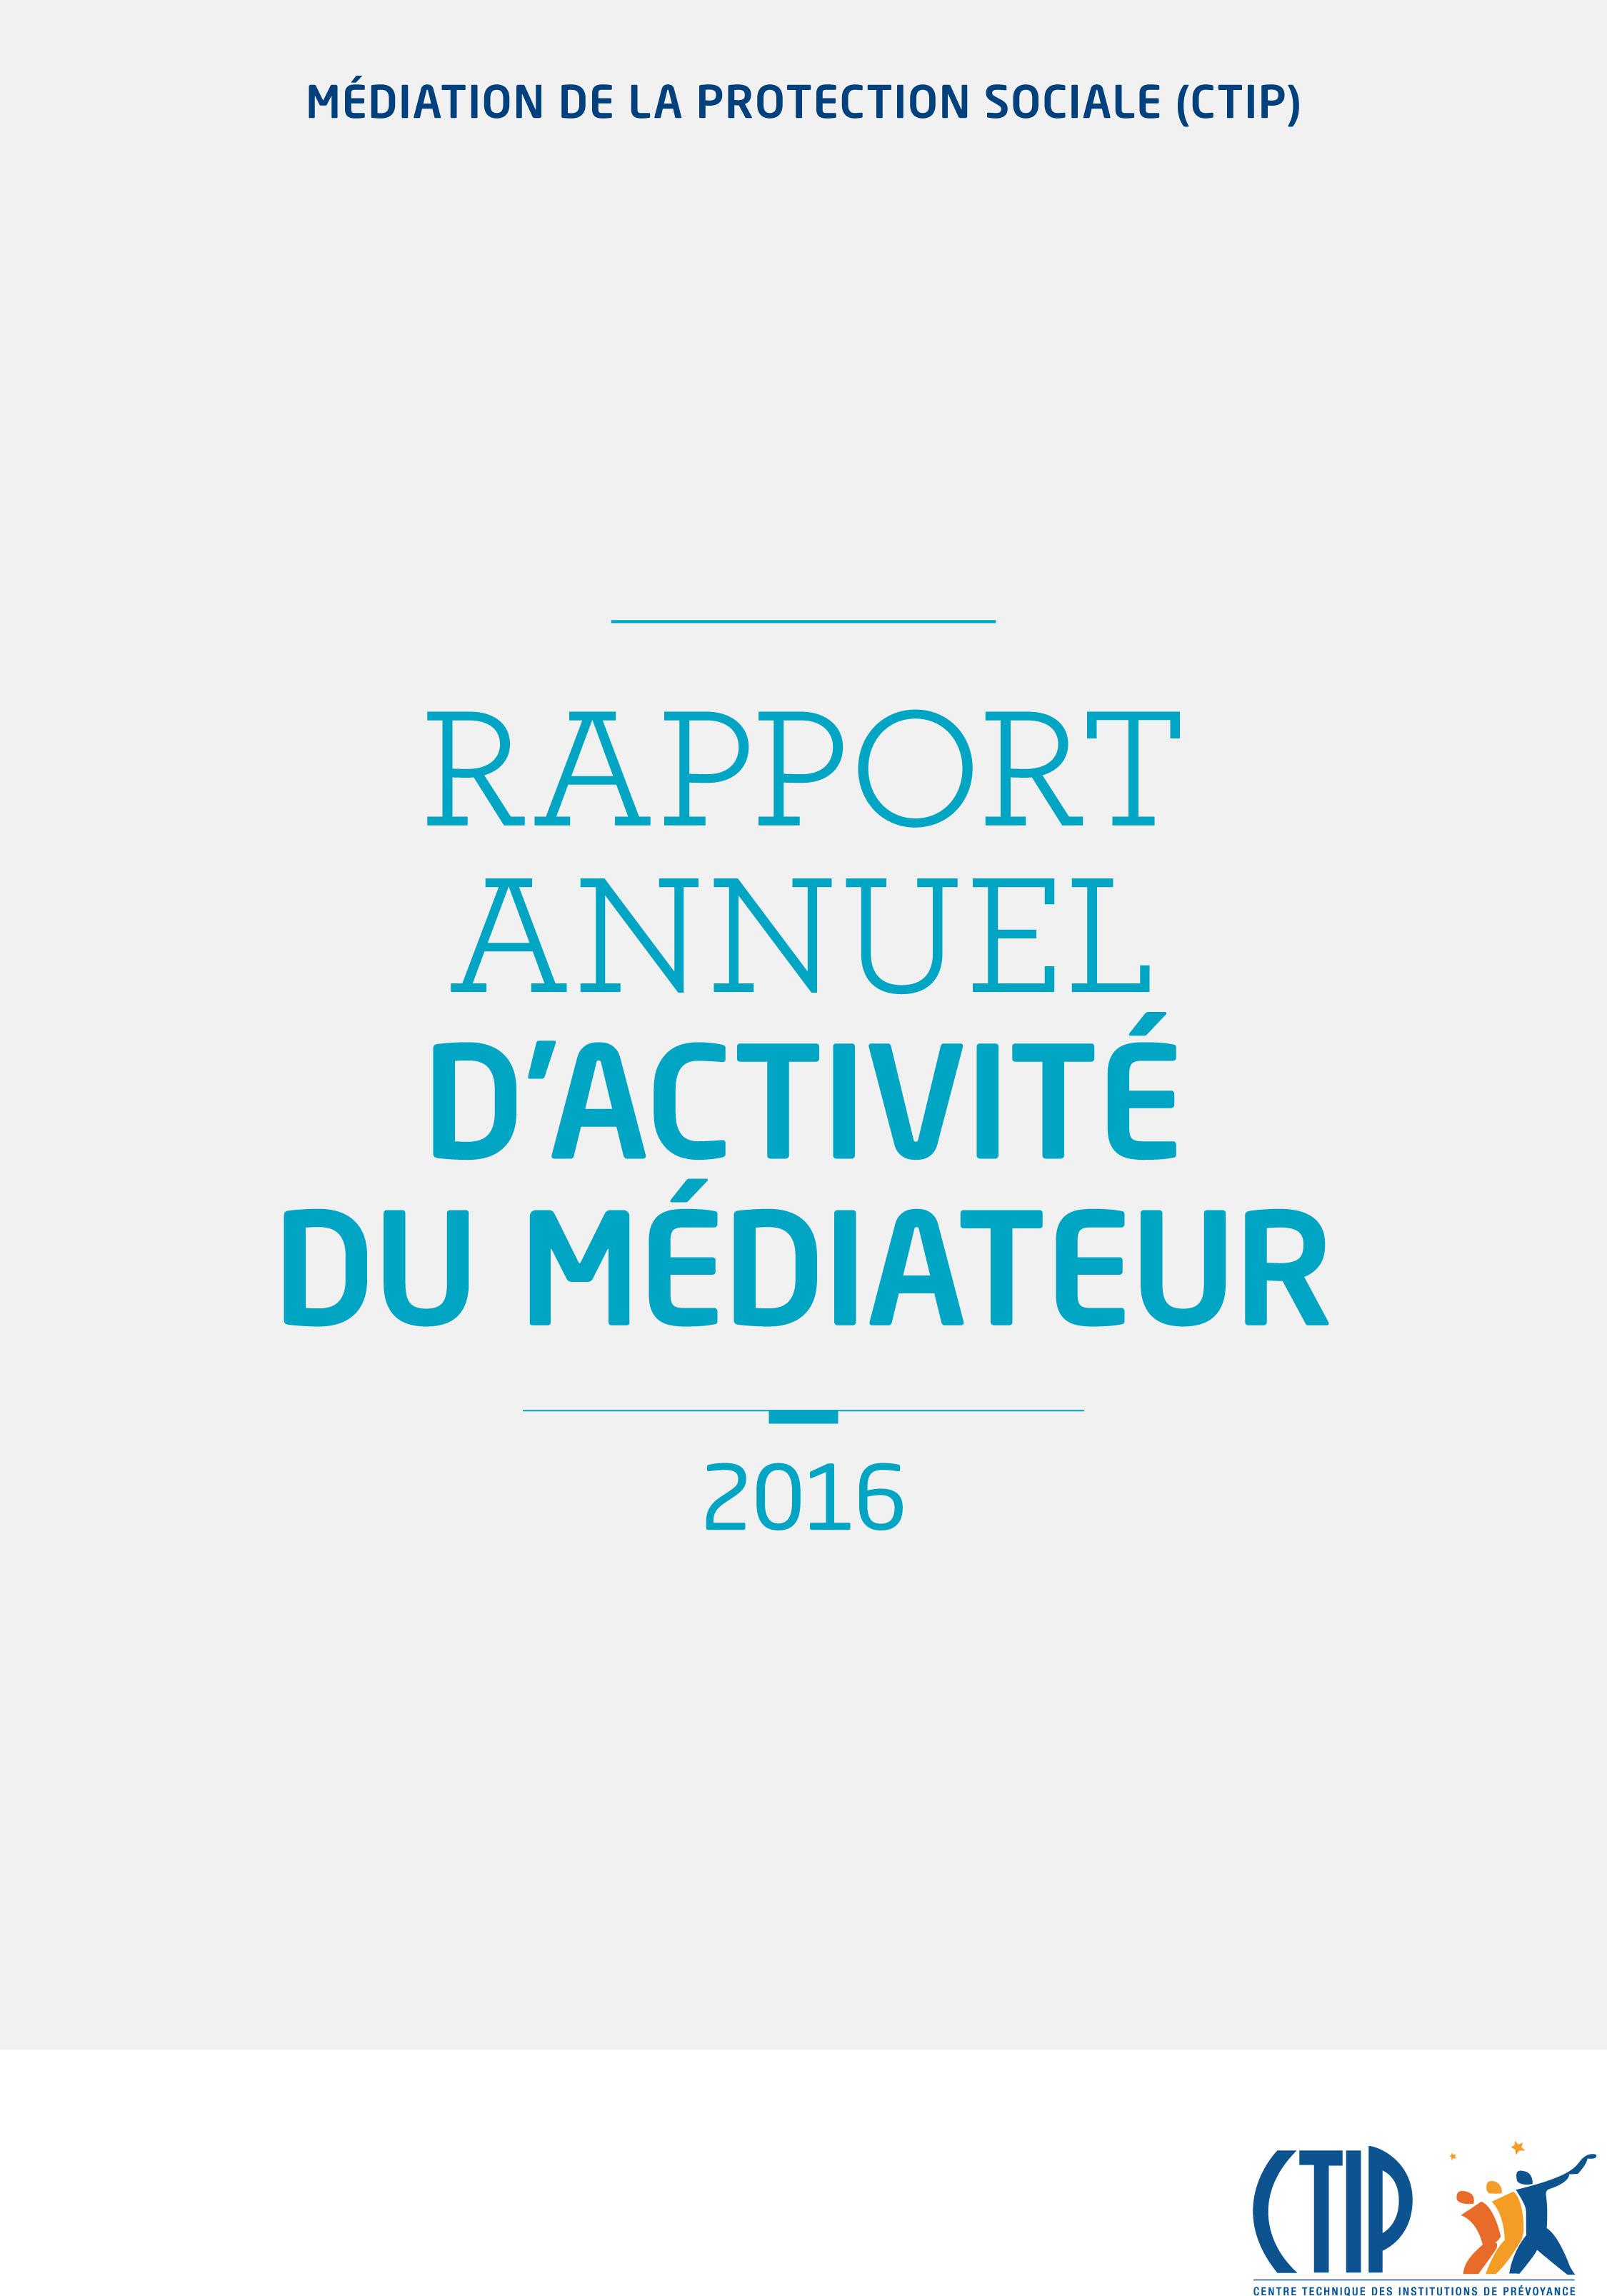 Rapport annuel d'activité du Médiateur 2016